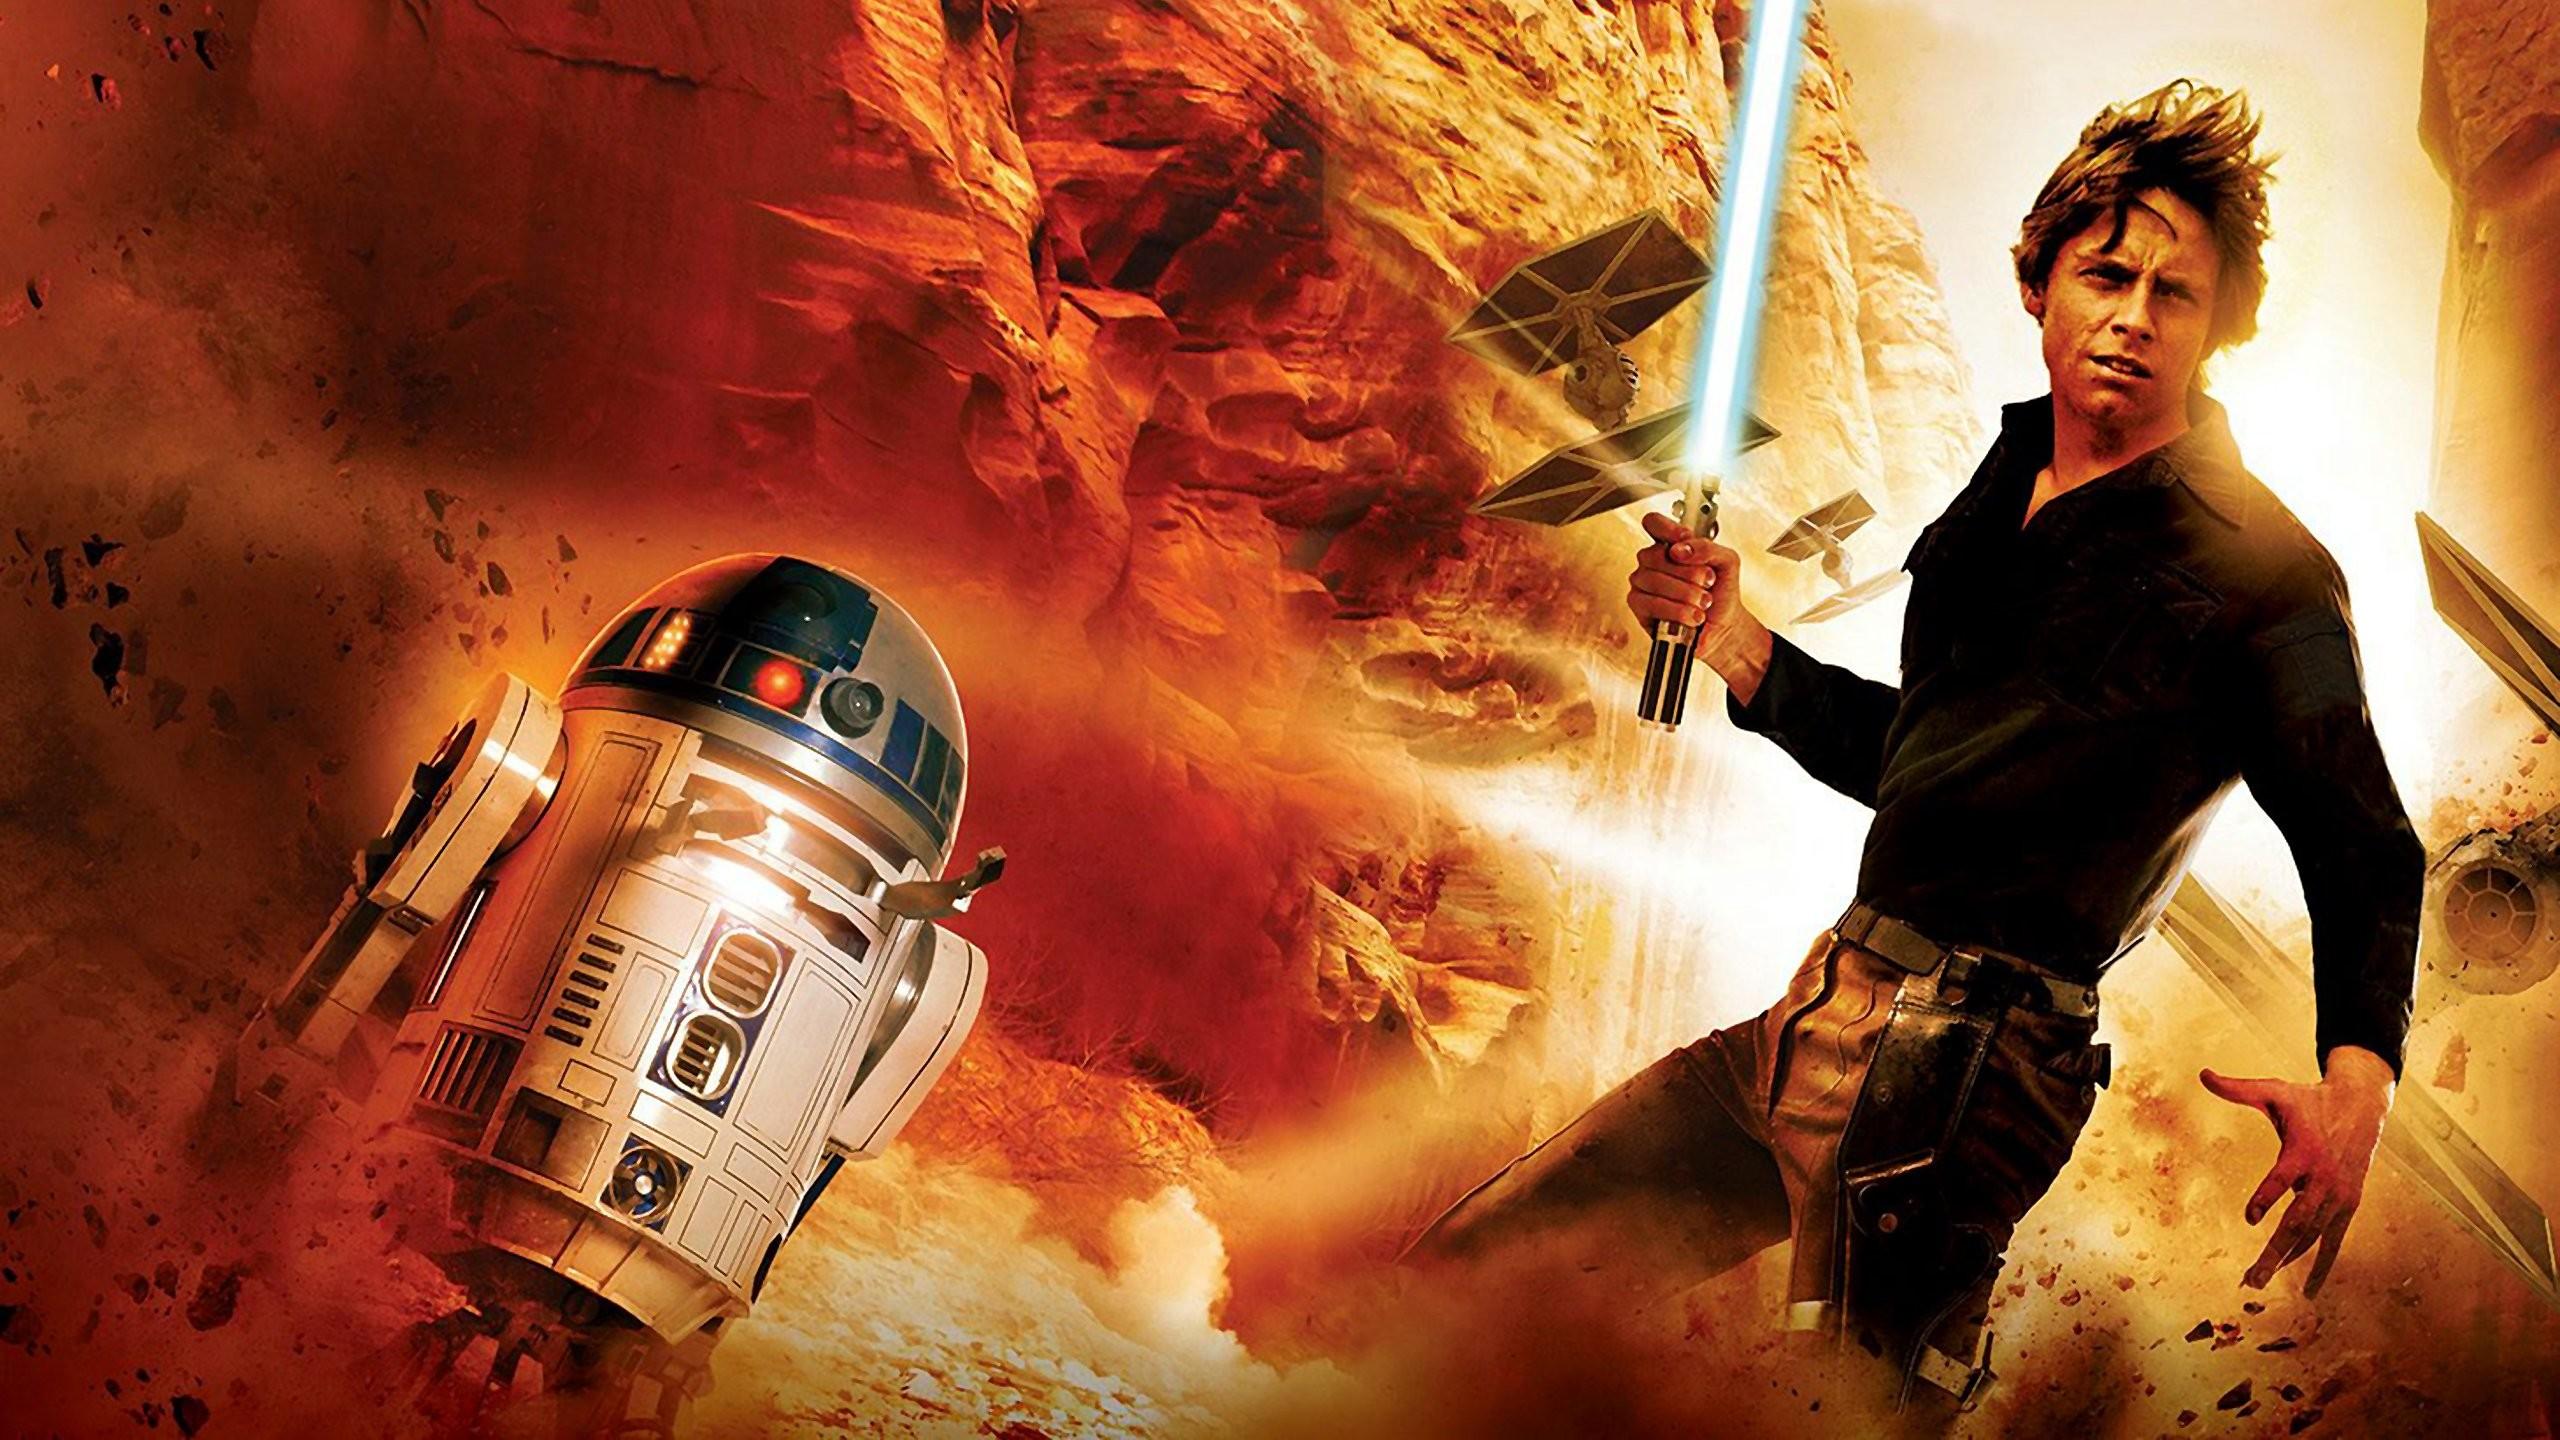 Luke Skywalker Wallpaper (77+ images)